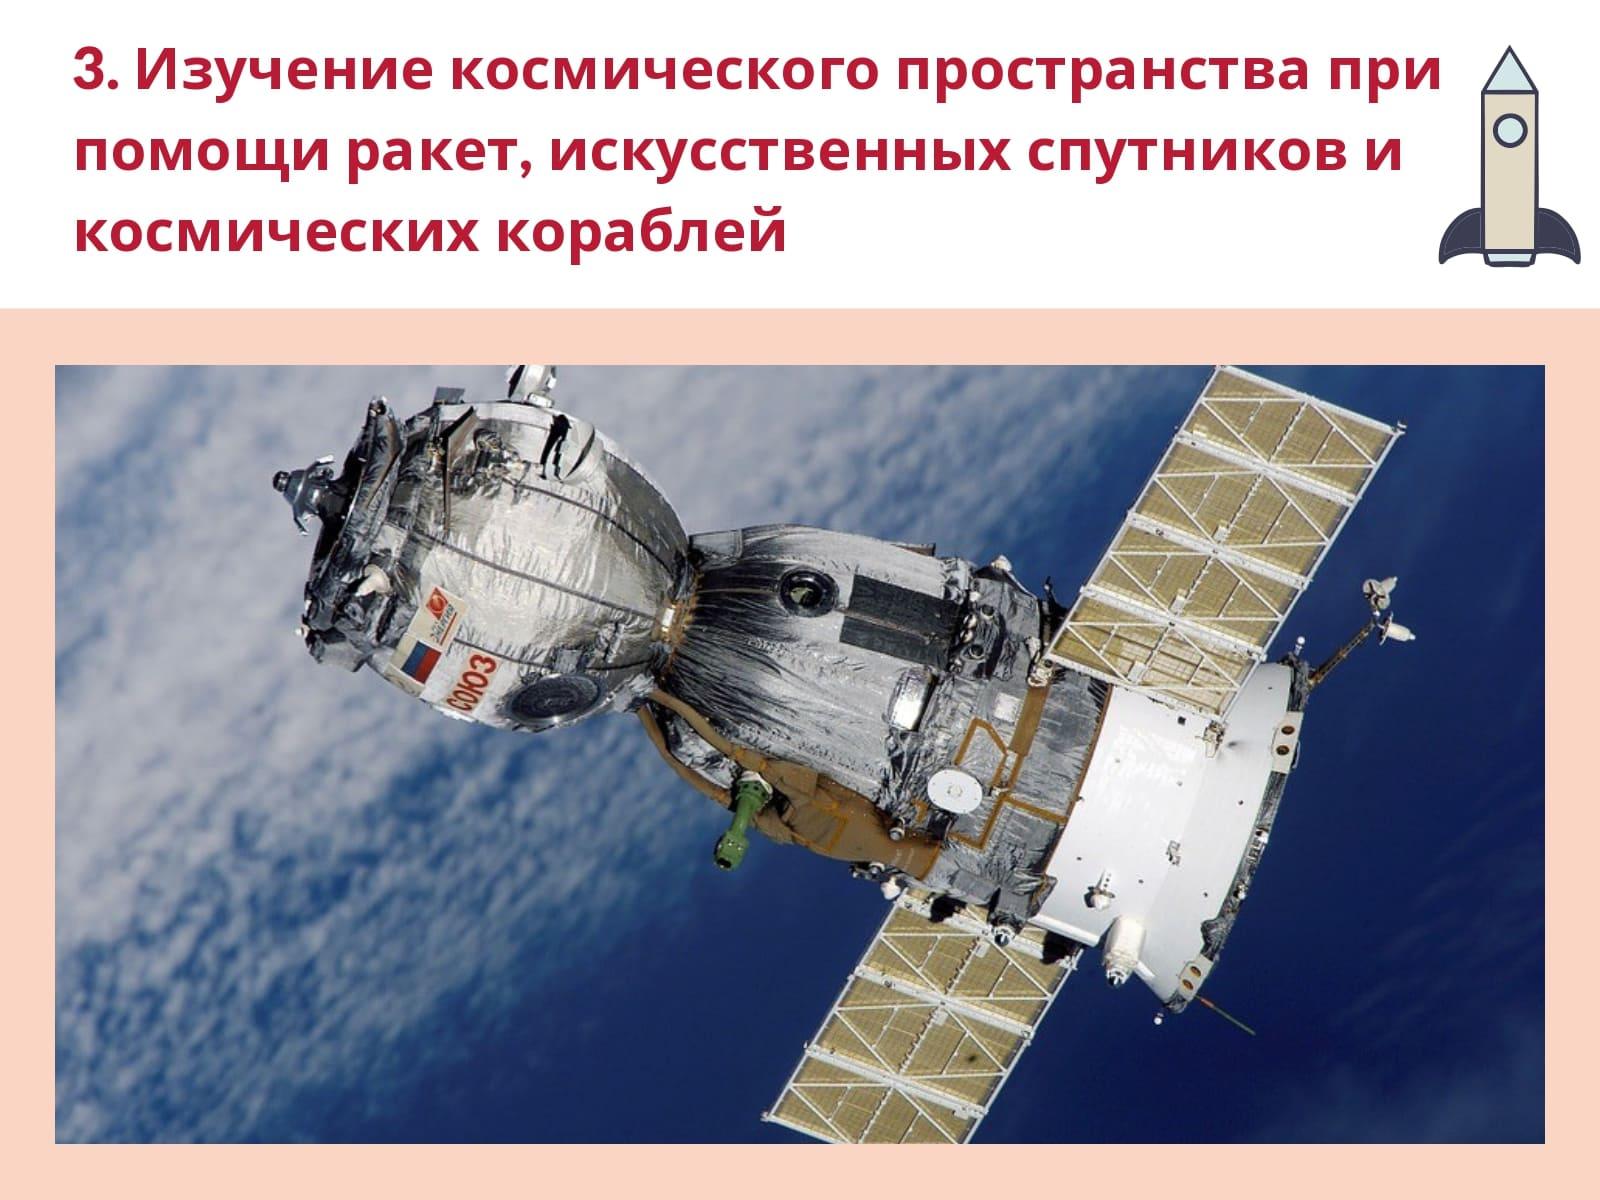 изучение космического пространства при помощи космических кораблей